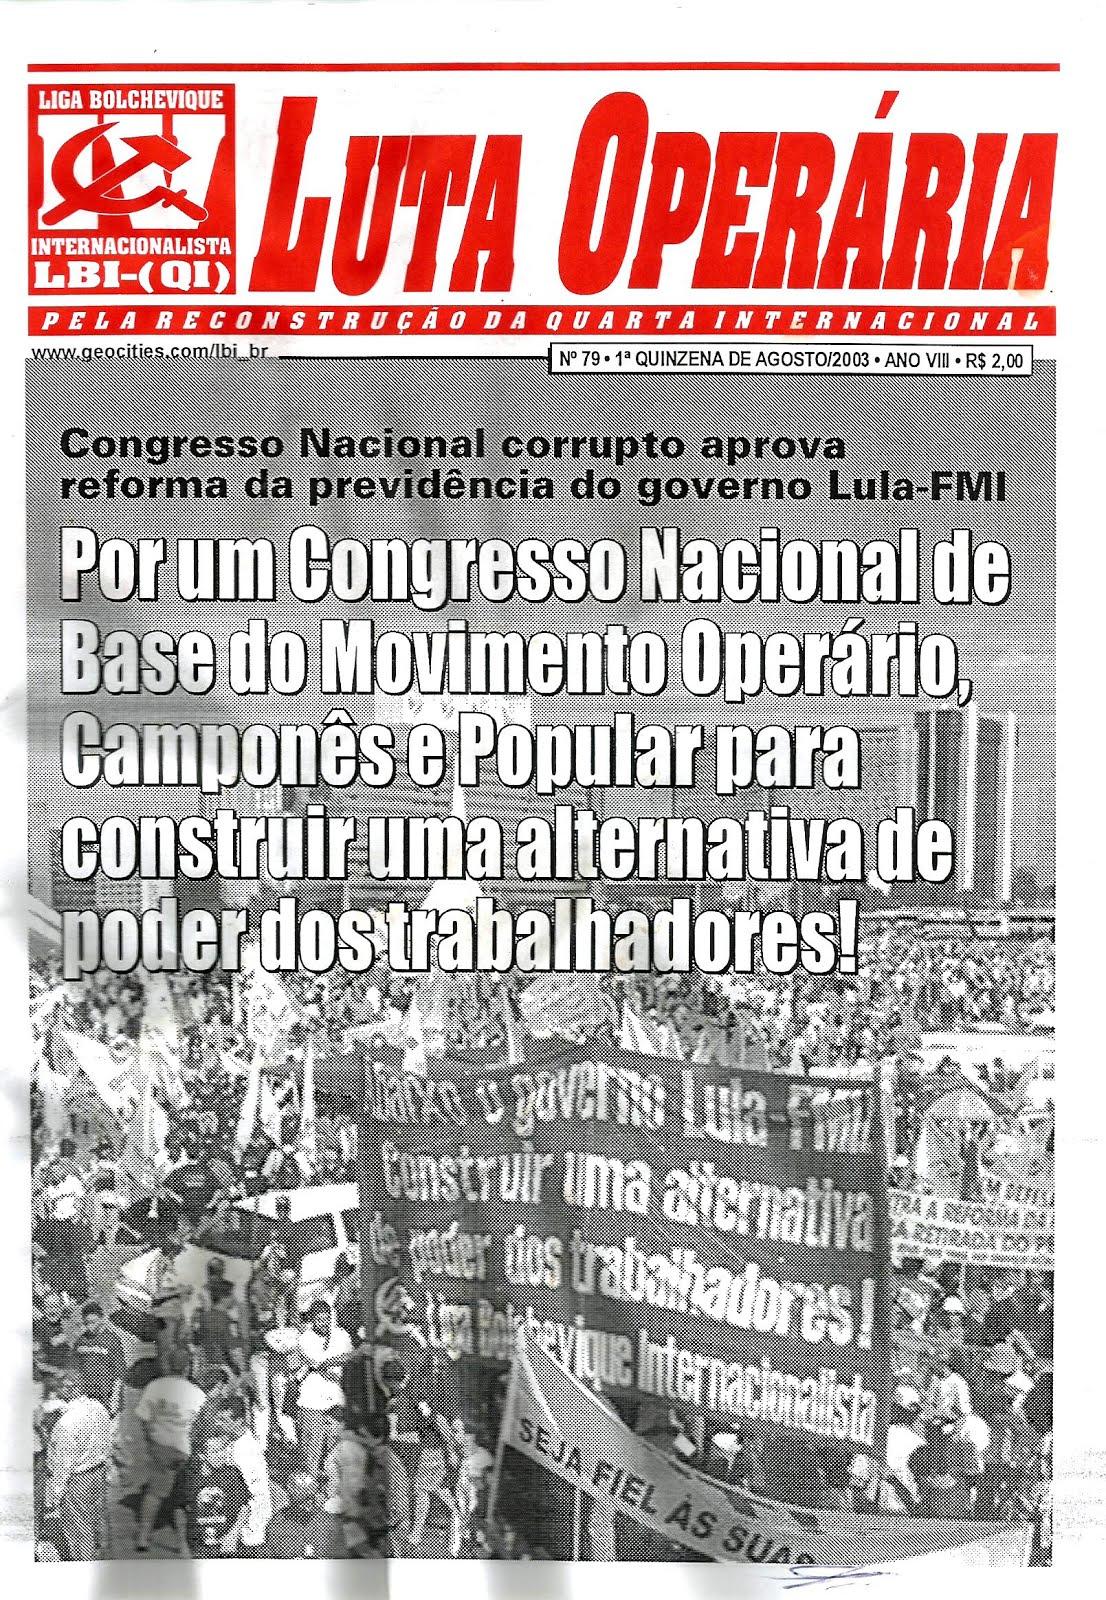 LEIA A EDIÇÃO DO JORNAL LUTA OPERÁRIA Nº 79, 1ª QUINZ. DE AGOSTO/2003